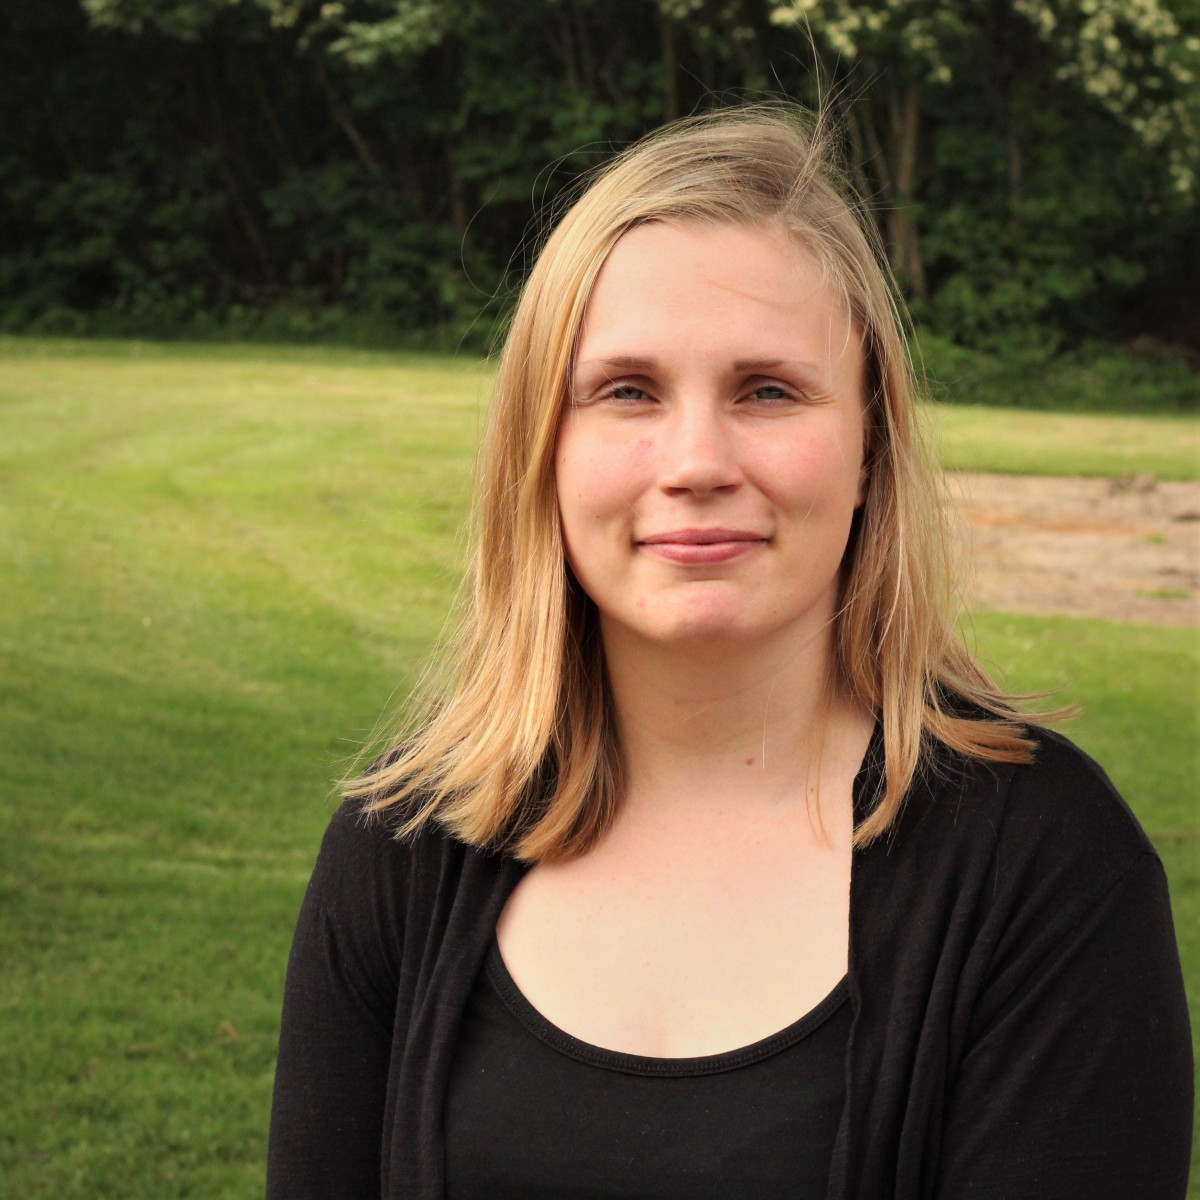 Kirstine Müller, læser fysioterapi, drømmer om at blive selvstændig hestefysioterapeut